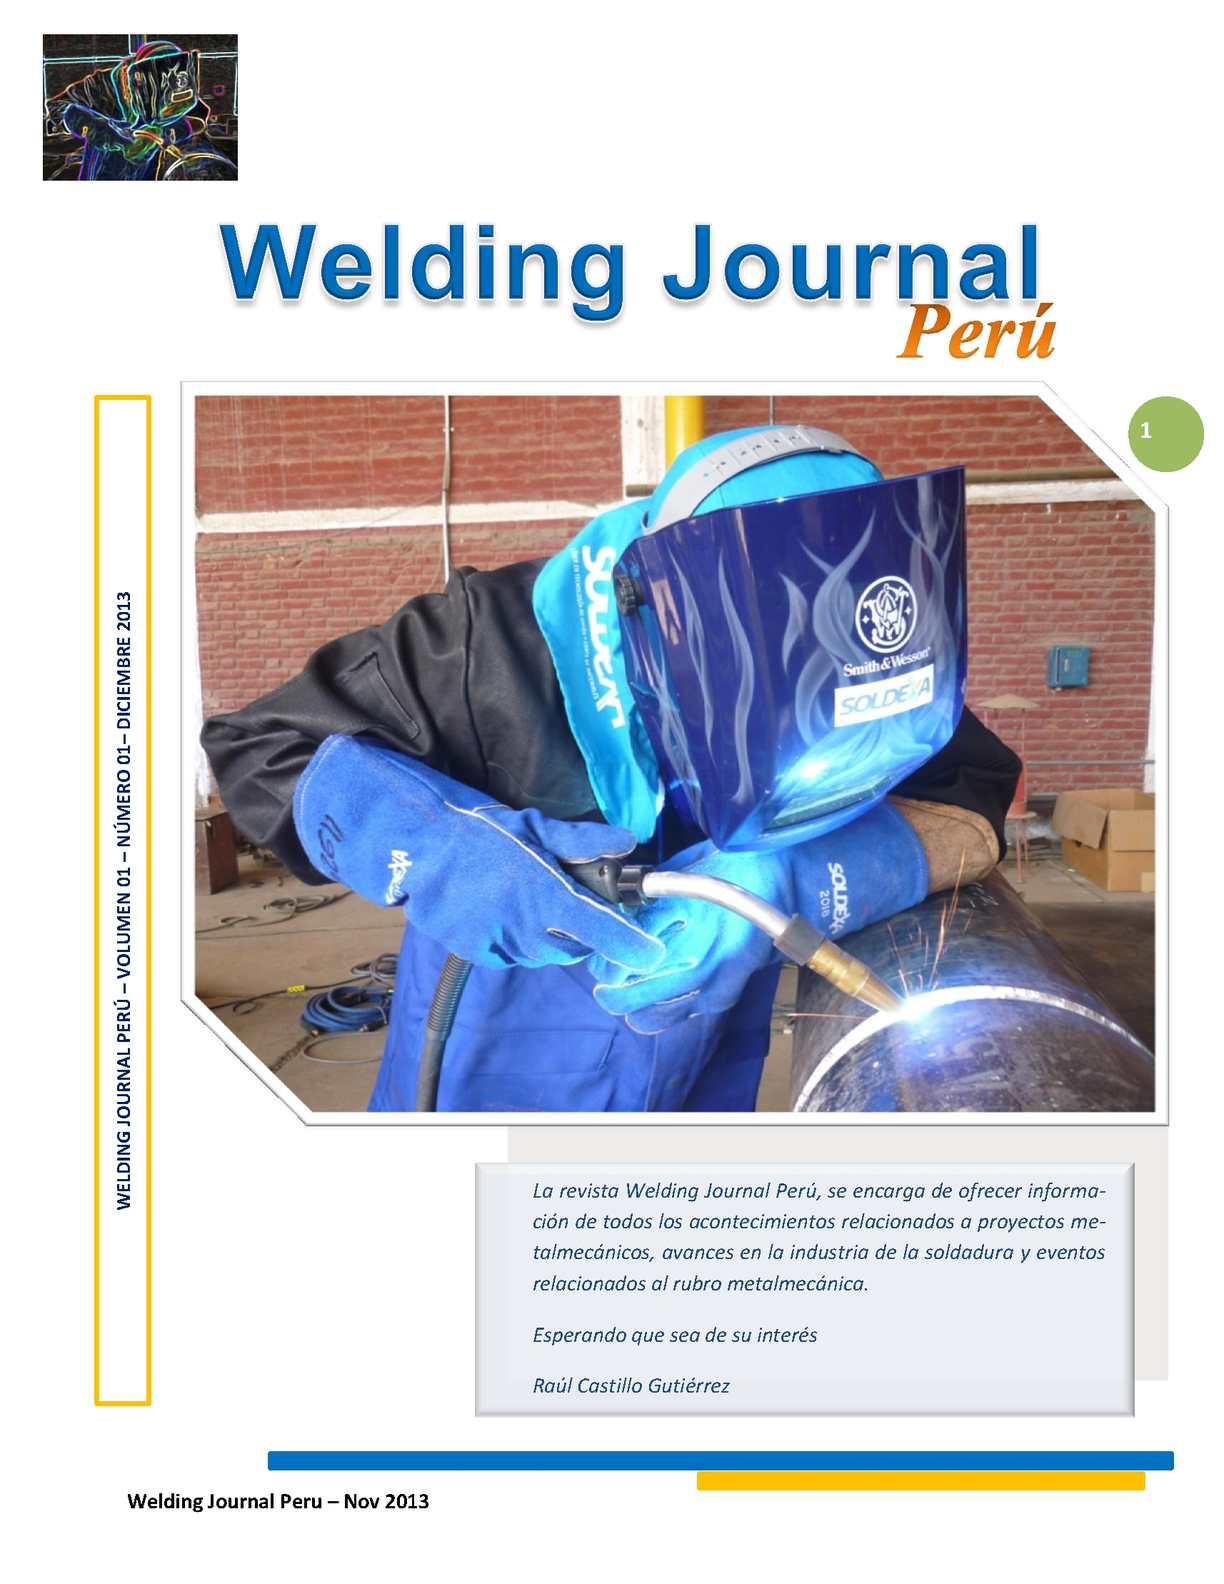 Revista - Welding Journal Perú - Raúl Castillo